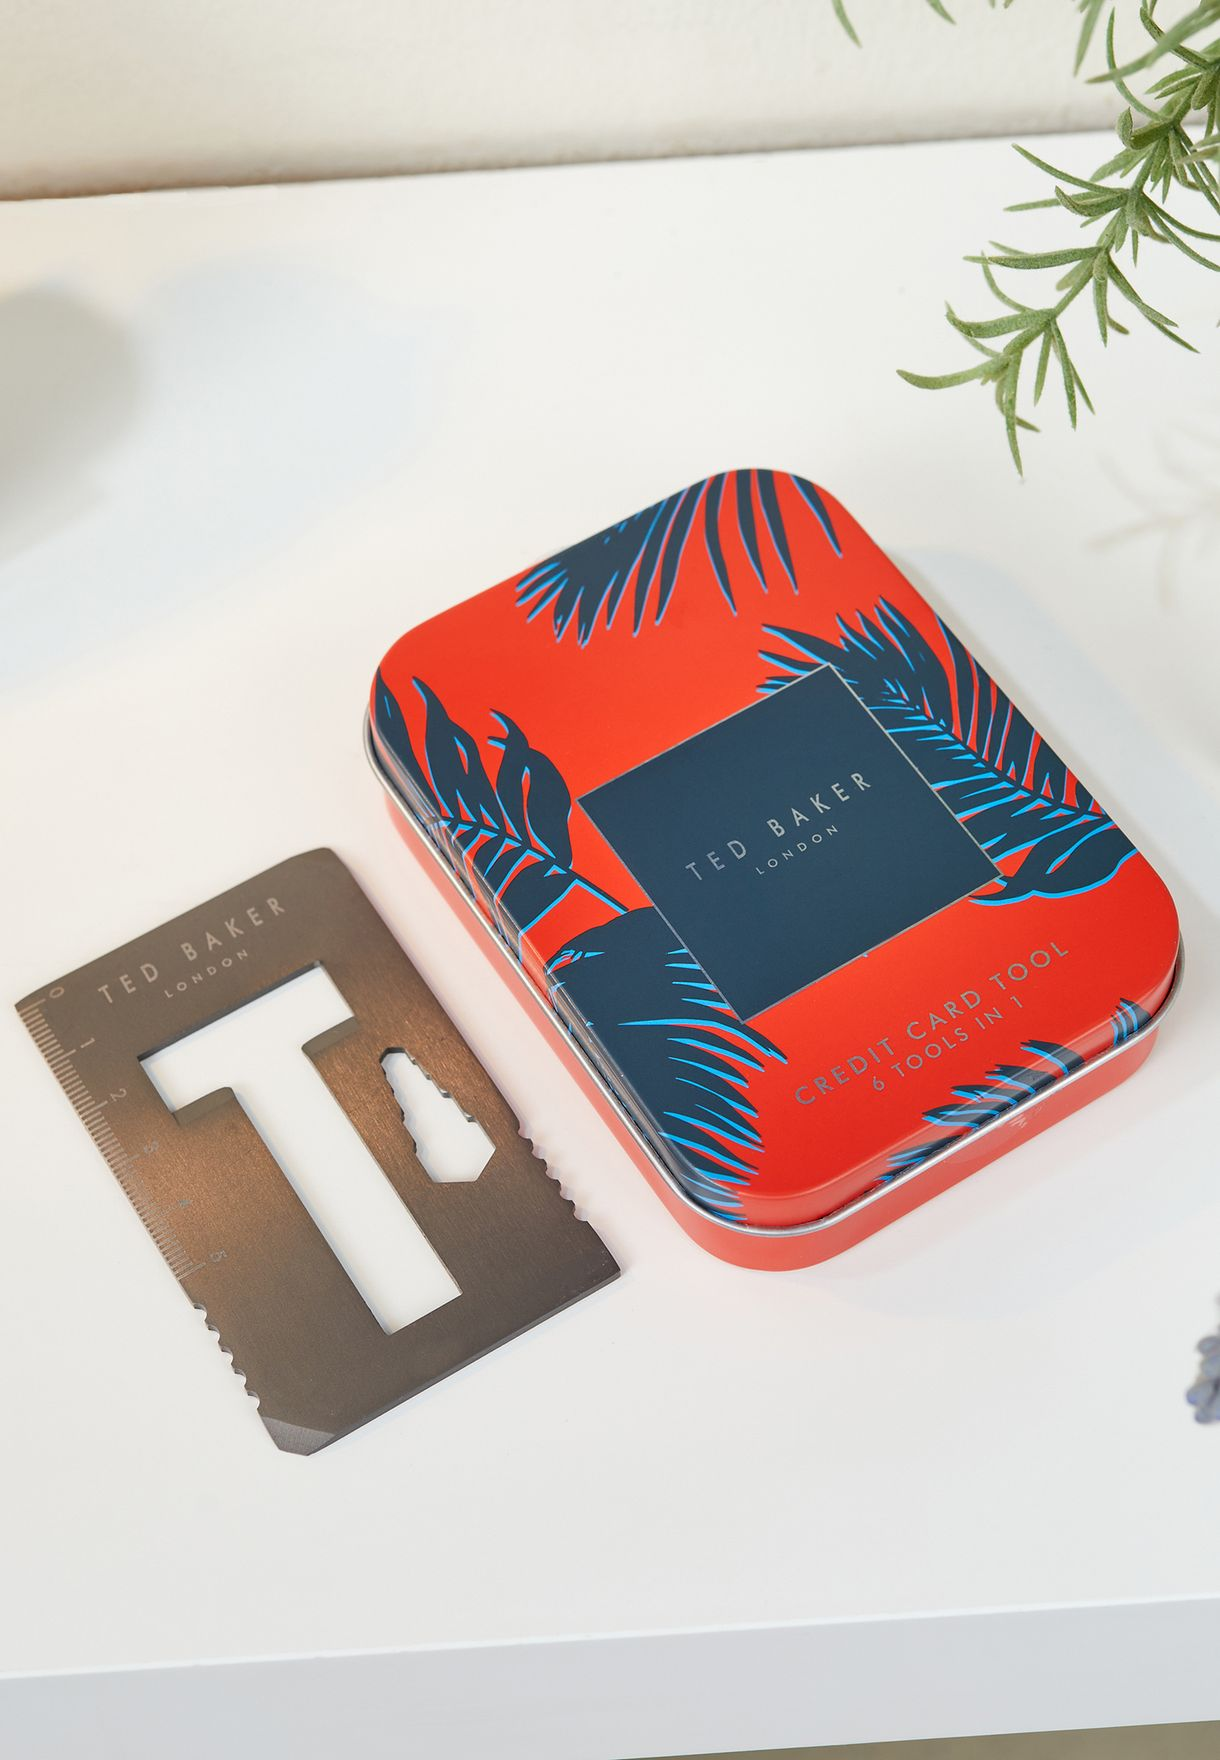 أداة بطاقة الائتمان متعددة الاستخدام